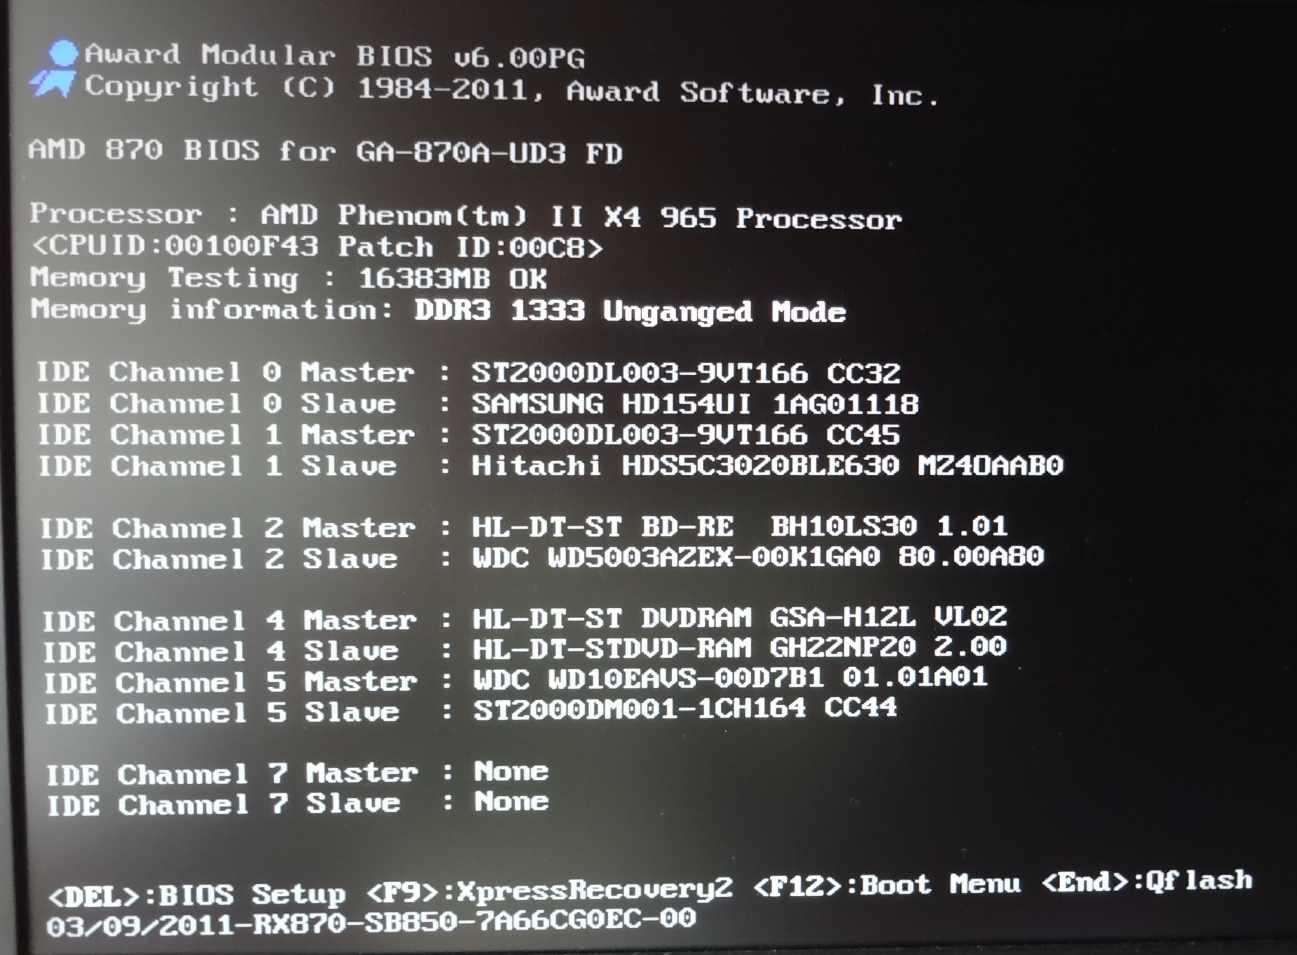 Controllerfehler auf \Device\Ide\IdePort7-bios-boot.jpg